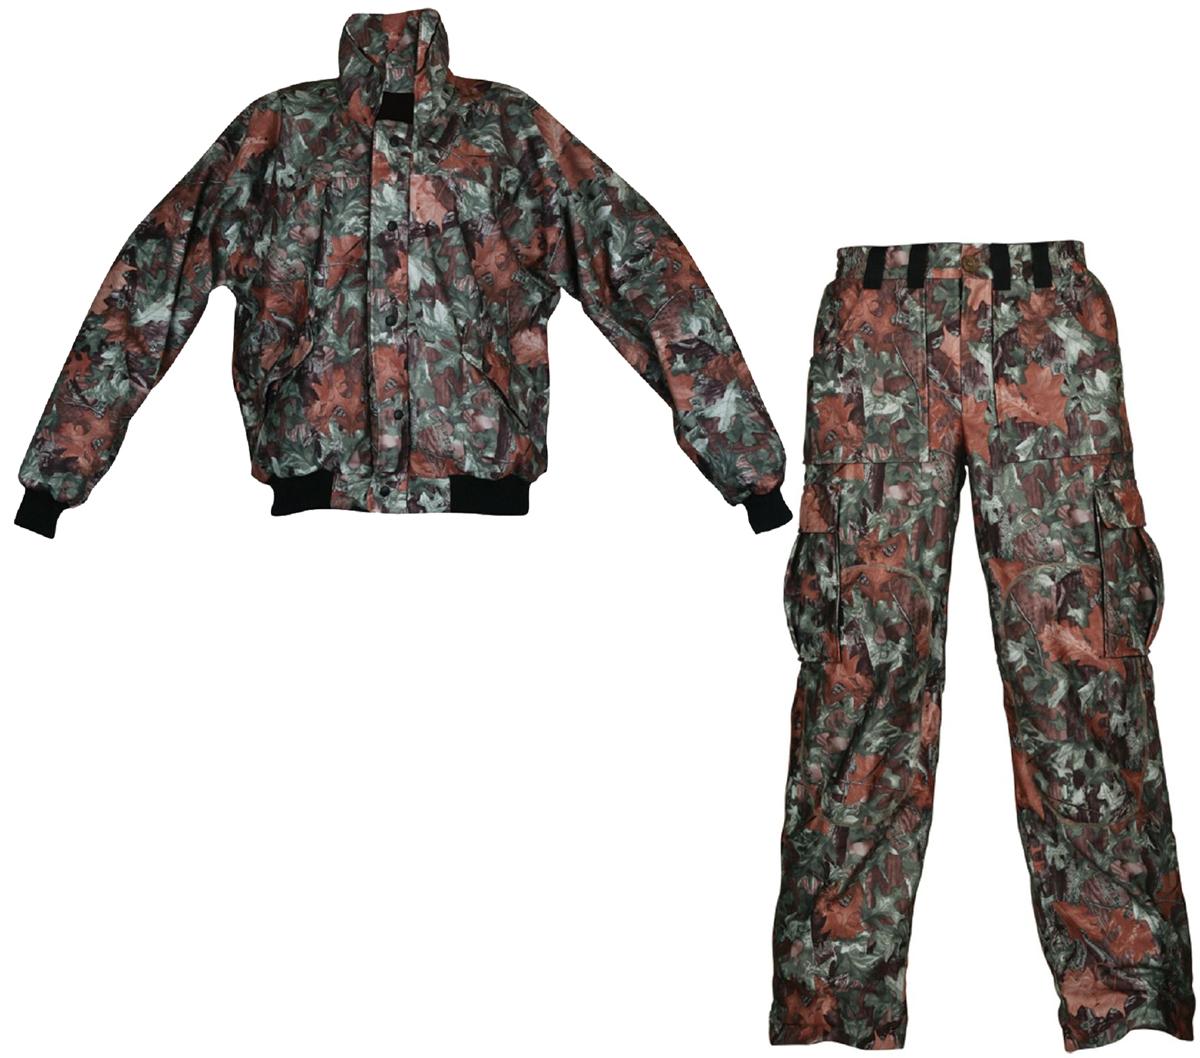 Костюм рыболовный осенний Arctix: куртка, брюки, цвет: камуфляж. 808-00405. Размер XXL (56)808Одежда для рыбалки изготовлена из 100% флиса и мембранной ткани 5 000/10 000 тем самым обладает дышащими, водо и ветронепроницаемыми свойствами. Брюки имеют эластичный пояс и широкие шлевки под ремень. Контактные зоны брюк усилены накладками. Внизу брюки для рыбалки имеют застежки-молнии, что позволяет быстро надеть одежду не снимая обуви, низ комбинезона оснащен регулируемой манжетой. Брюки абсолютно не шелестят и имеют, карманы на магнитных замках. Куртка абсолютно бесшумная и имеет магнитные замки для карманов. Рукава с трикотажными манжетами и поясом.